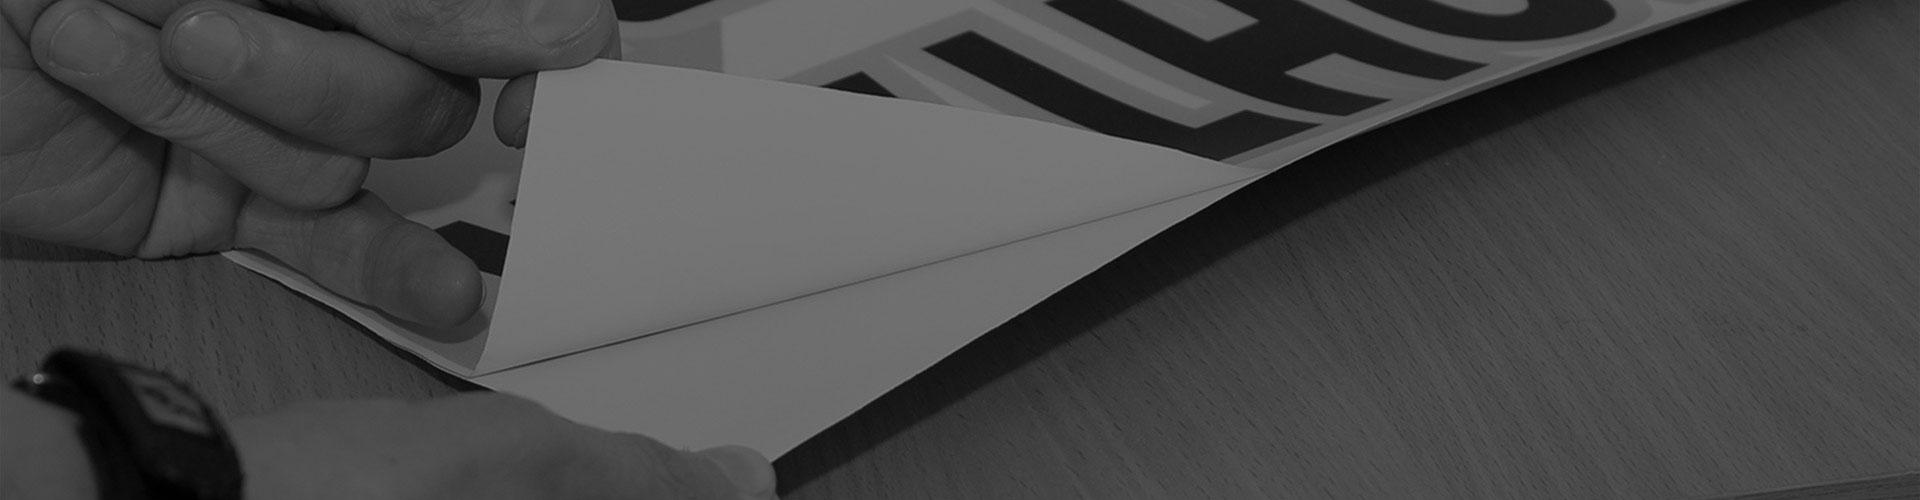 Широкоформатная печать на самоклеющейся пленке